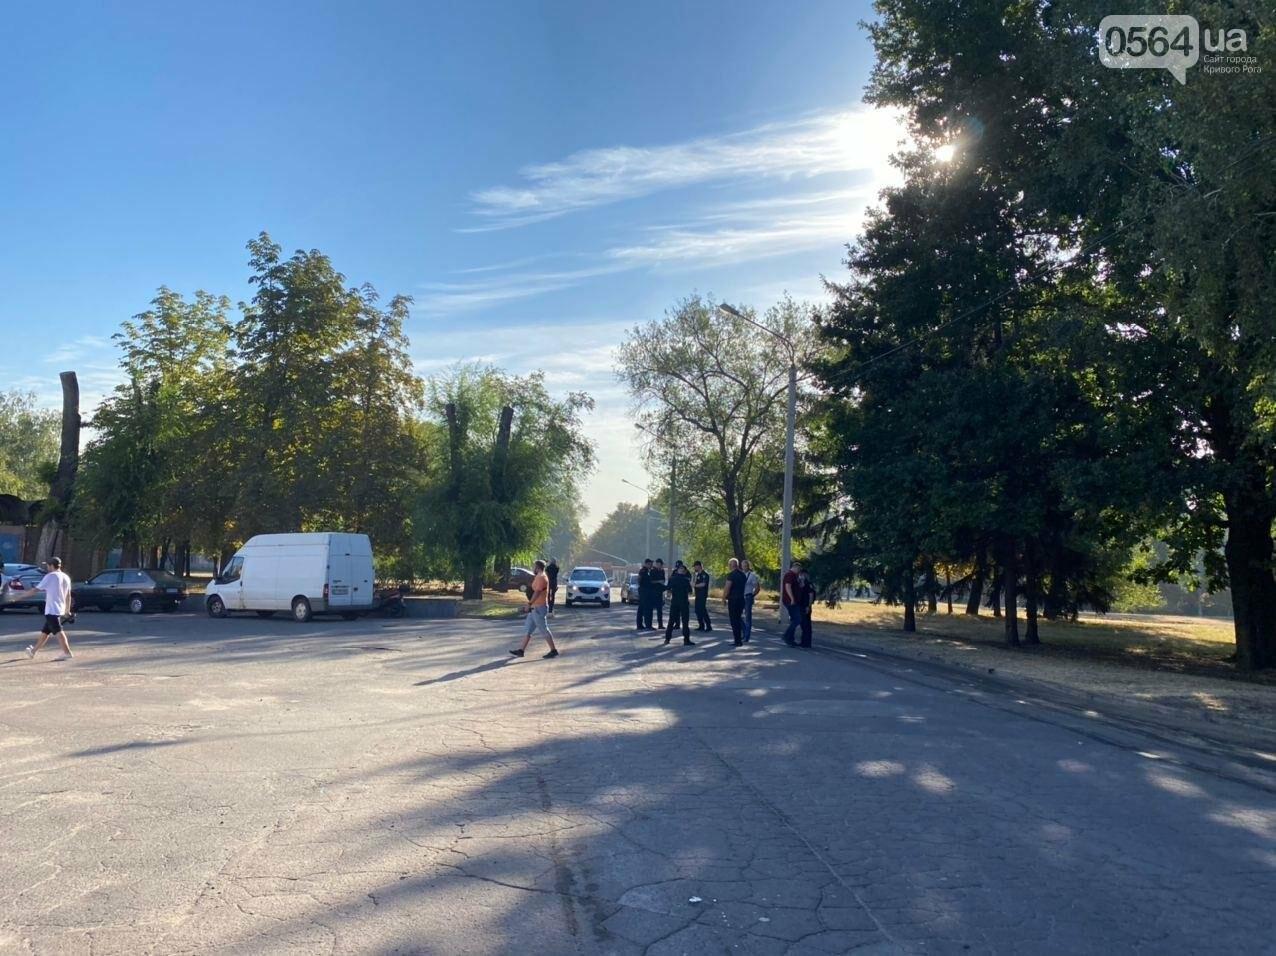 """Возле стадиона """"Металлург"""" в Кривом Роге ожидают президента. Огромный участок подготовили под парковку автомобилей, - ФОТО, ВИДЕО, ОБНОВЛЕНО, фото-8"""